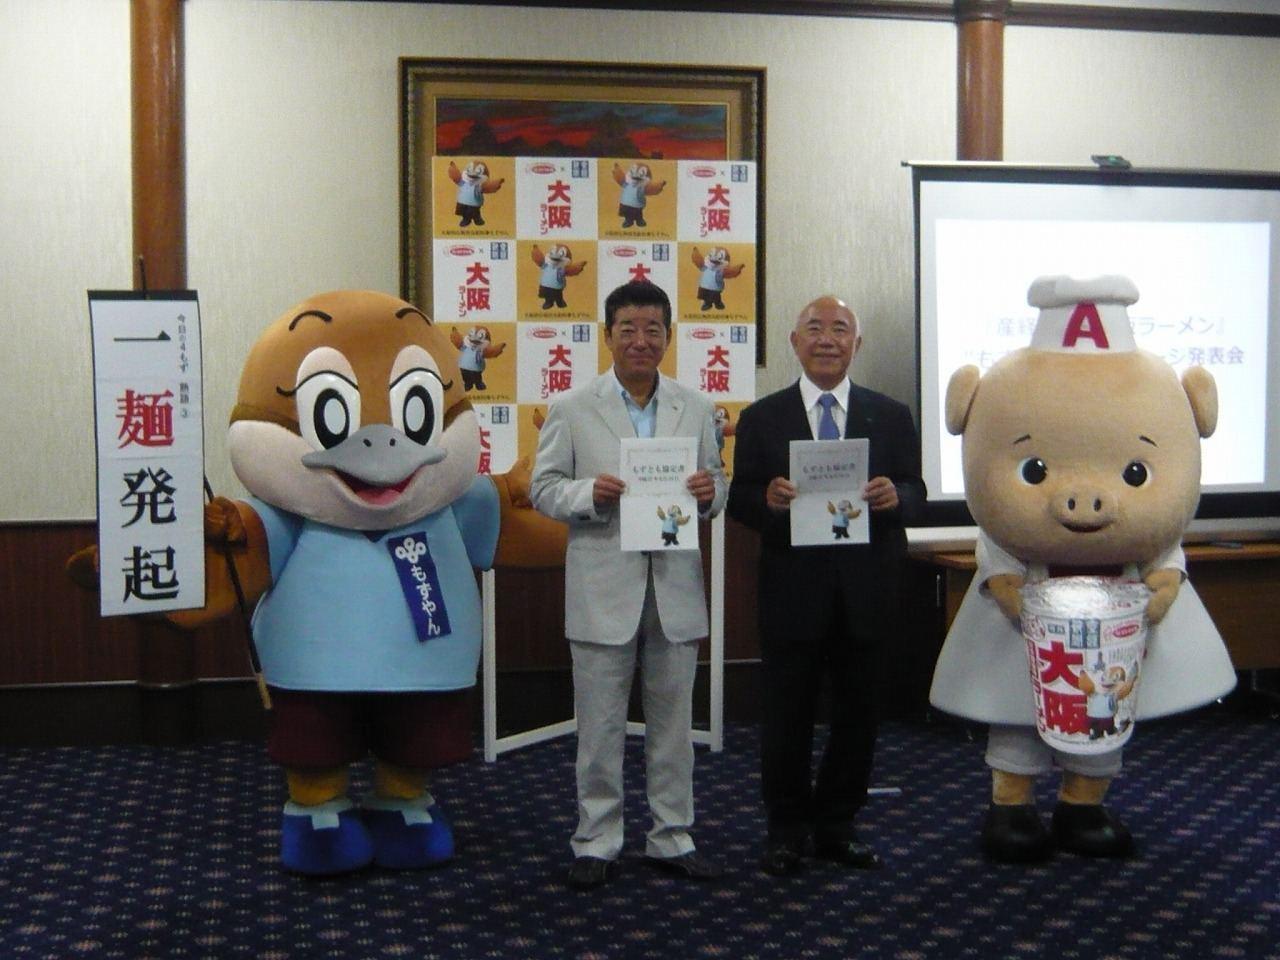 P1080572 こんにちは!編集部Sです。今回は、産経新聞大阪本社社会部記者とエースコ...